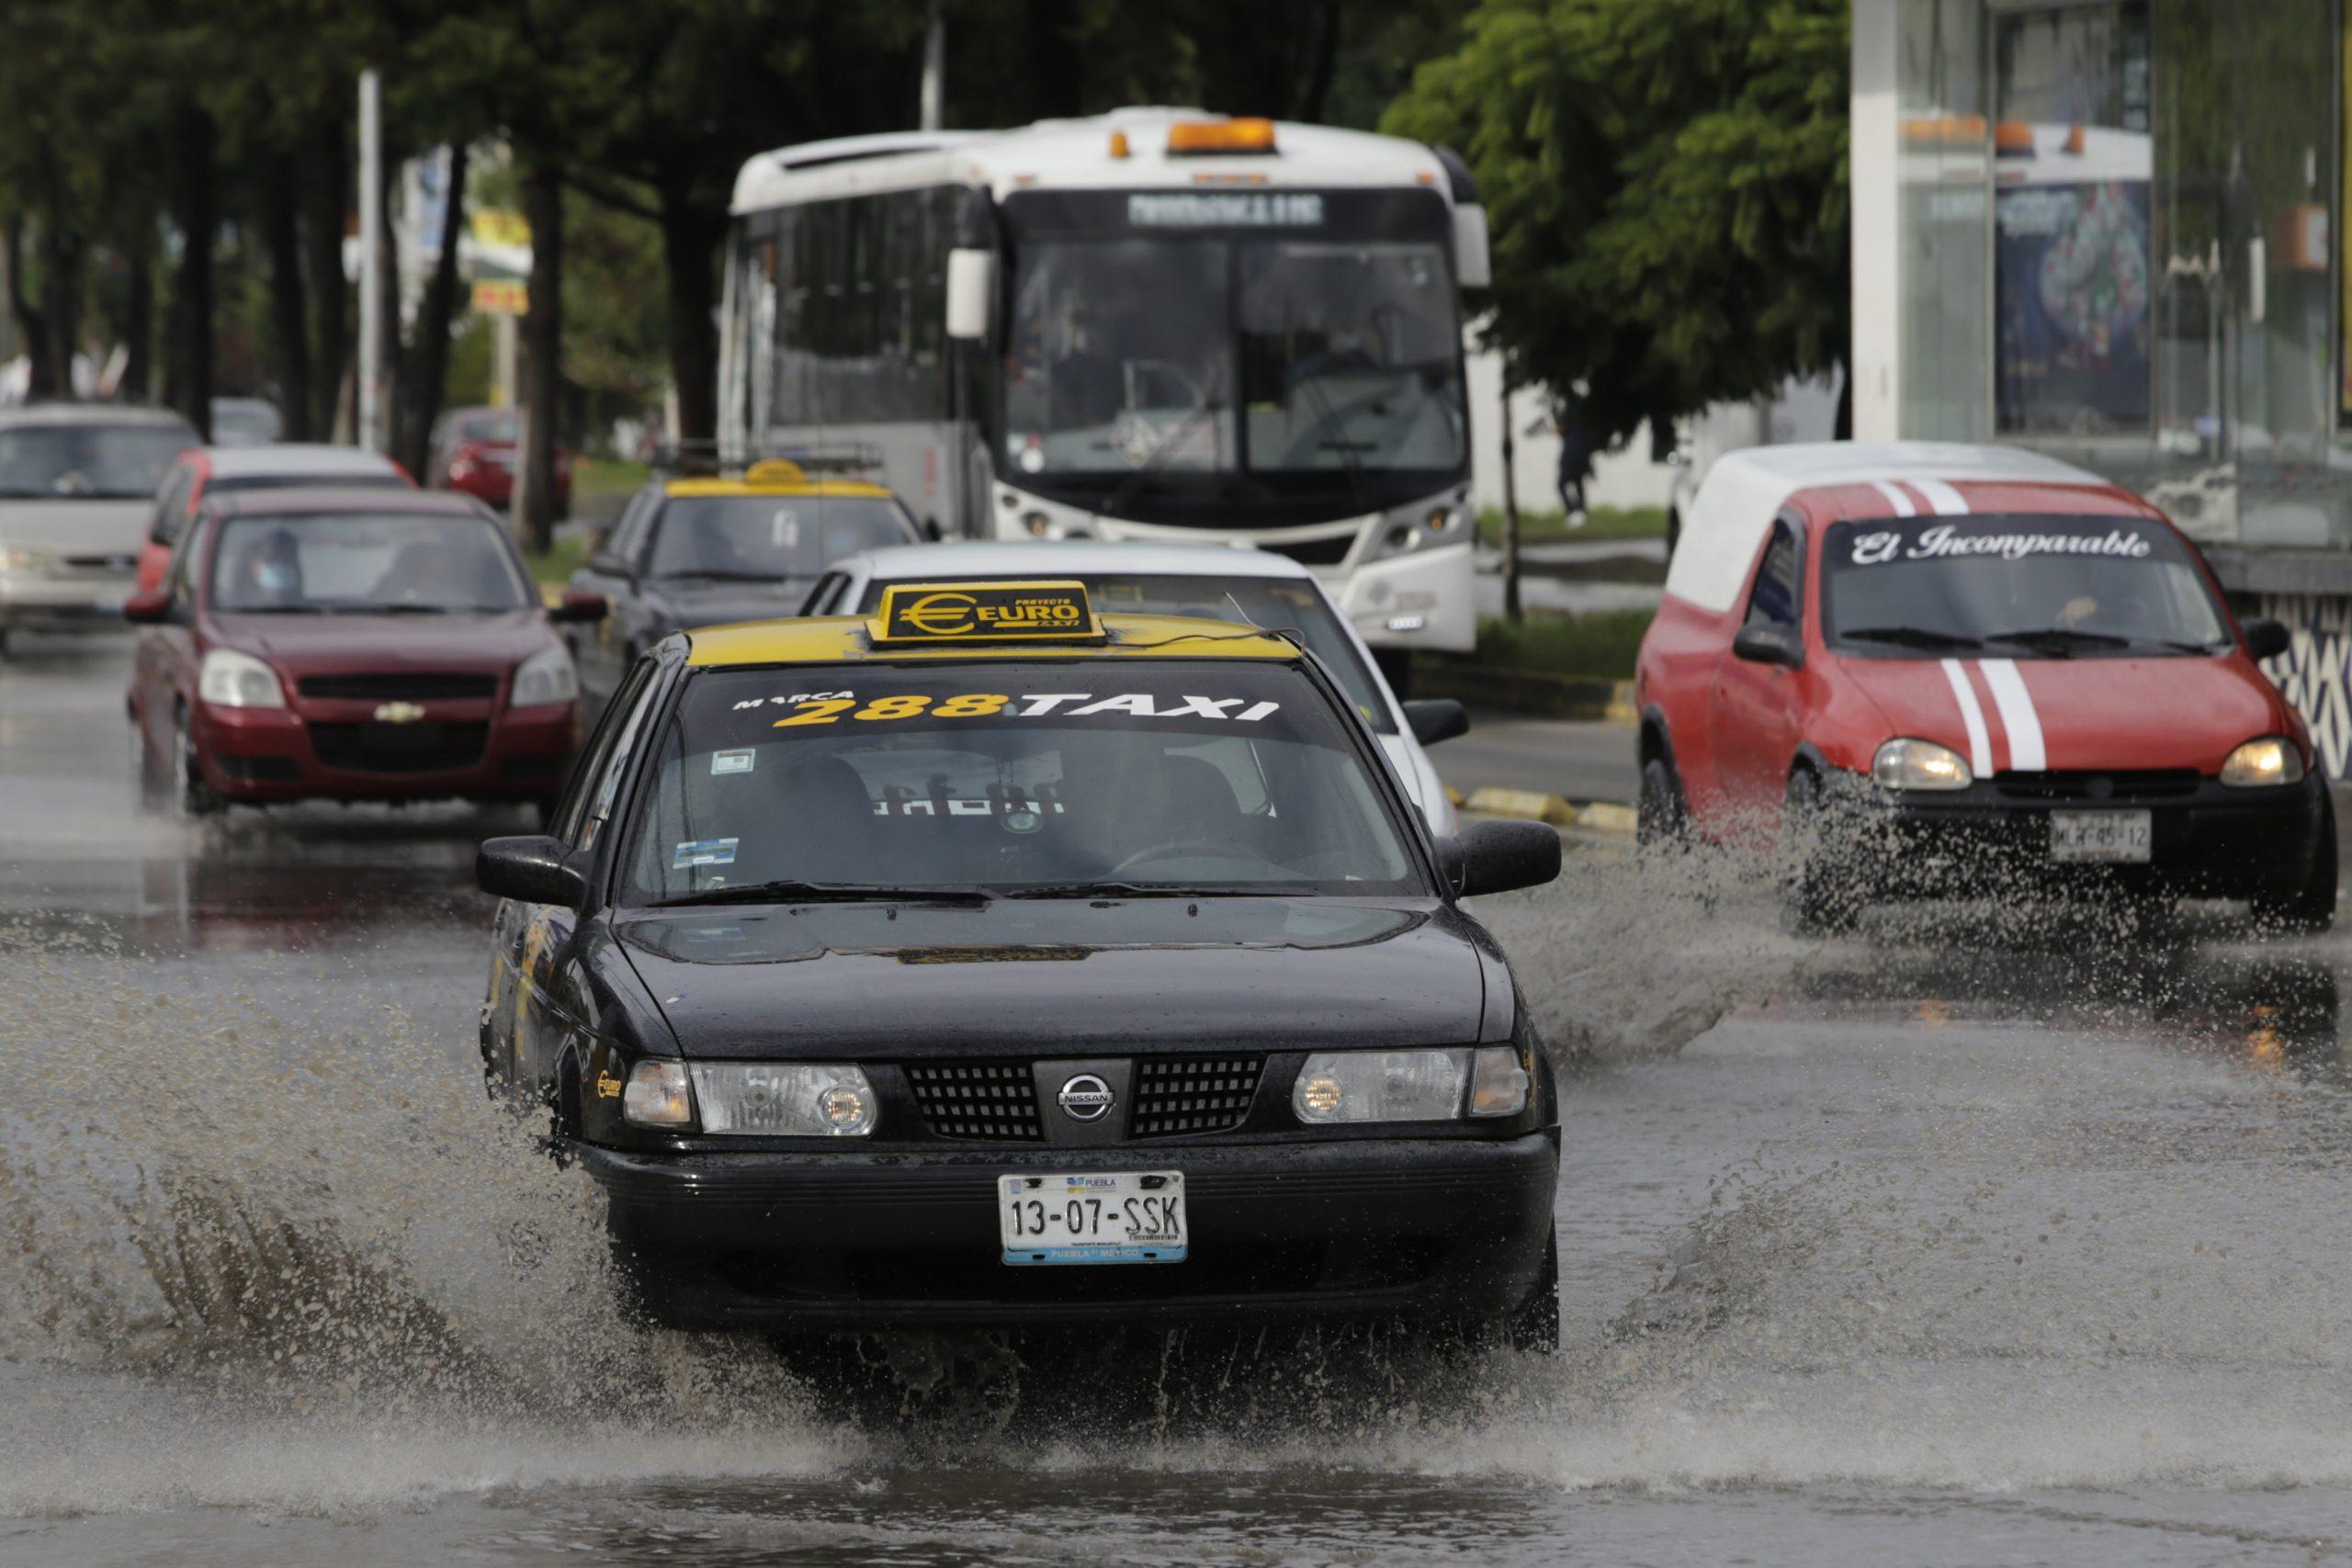 Seguirá lloviendo, crece alerta por saturación en presa de Valsequillo